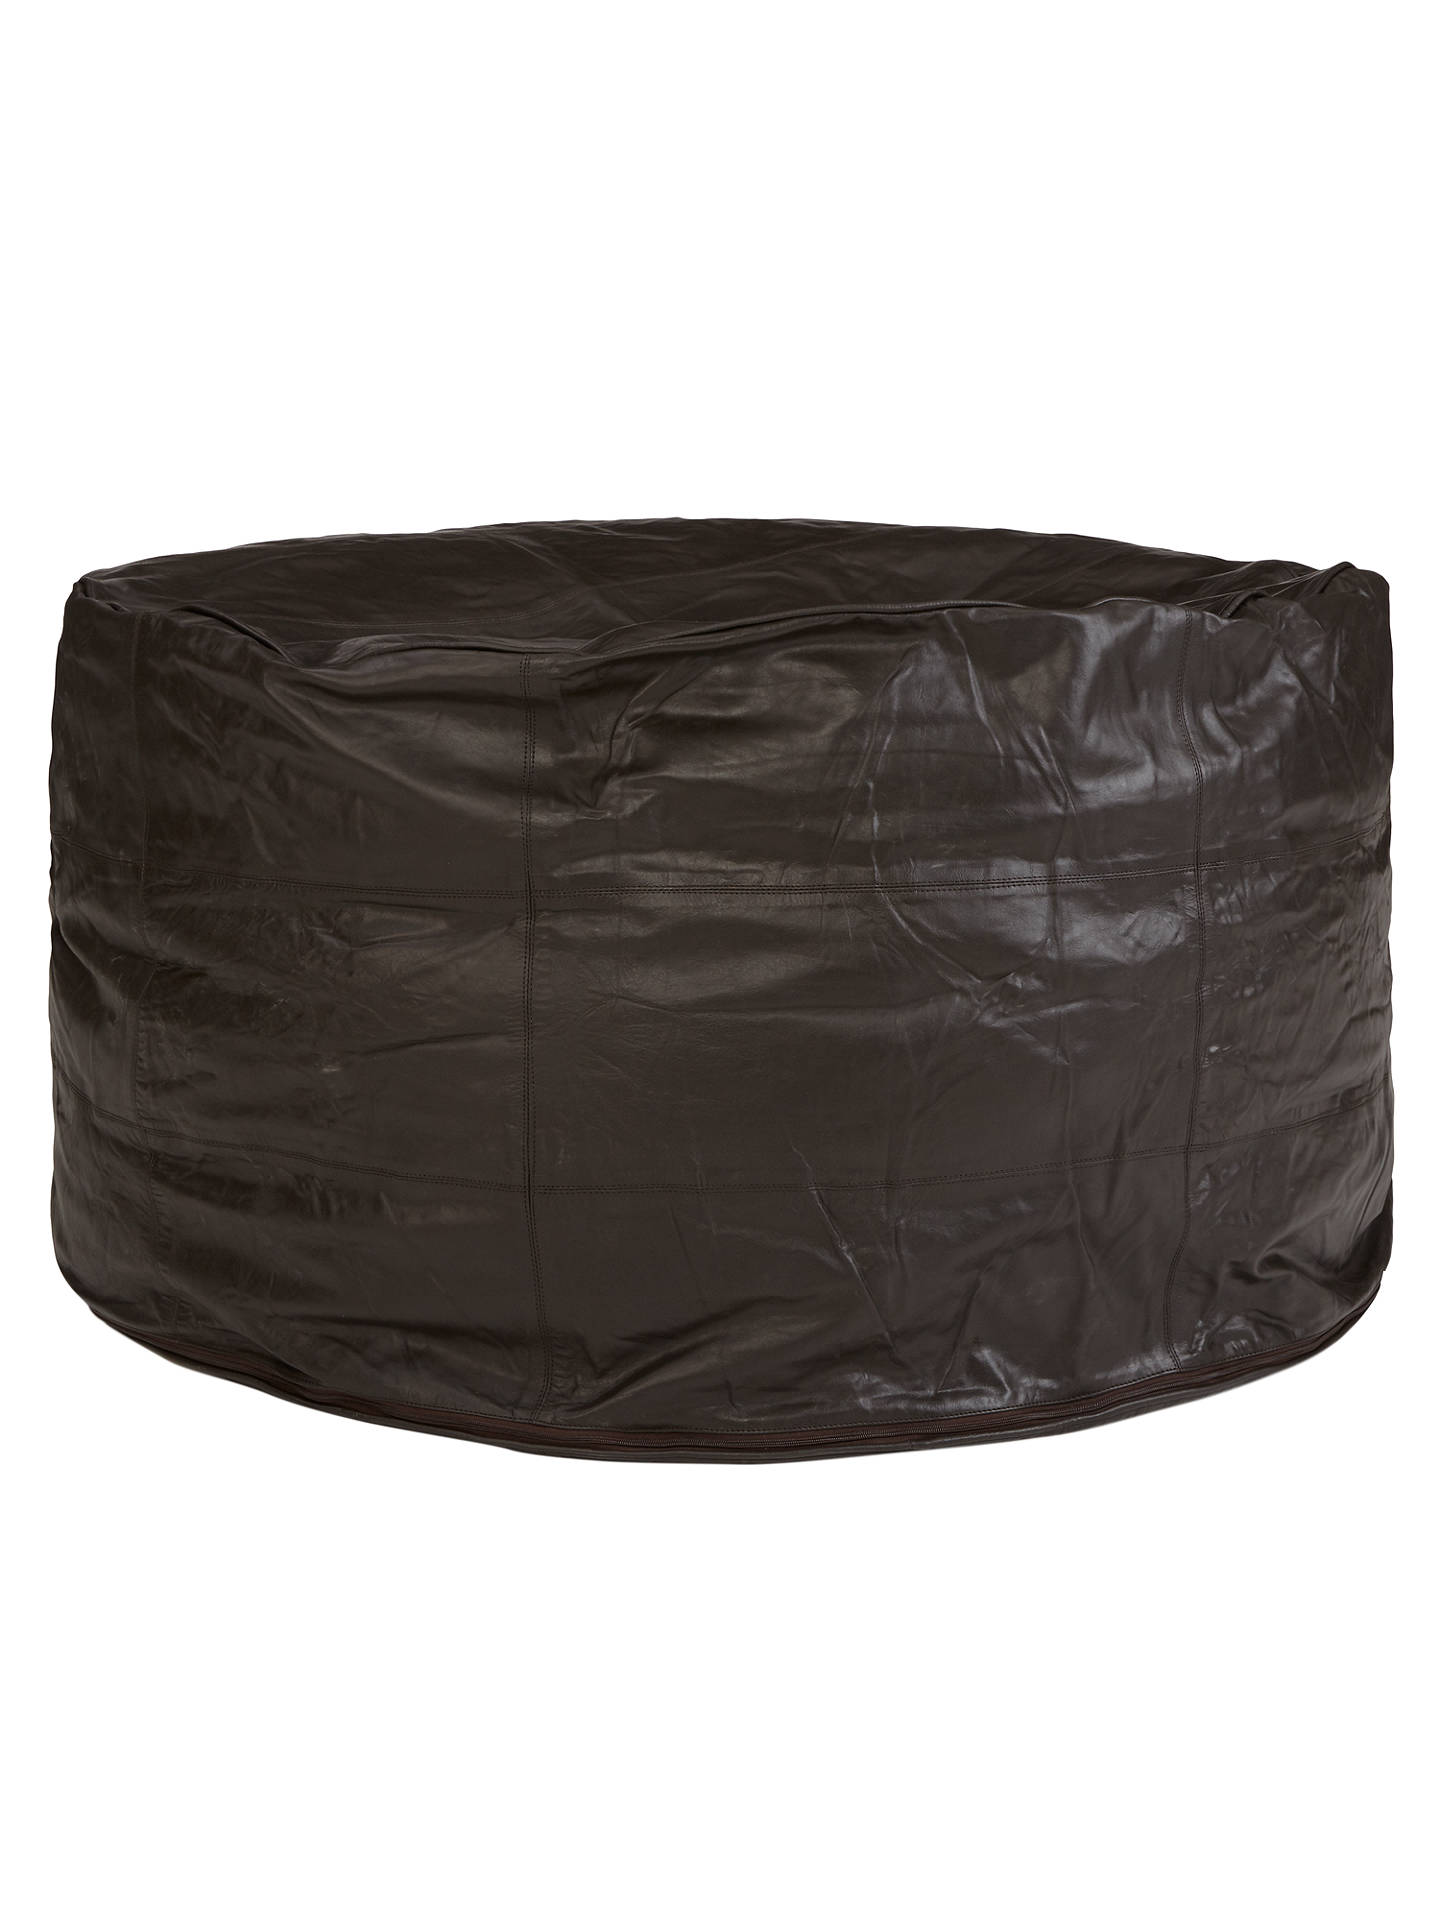 John Lewis Leather Sprawl Bean Bag At John Lewis Amp Partners